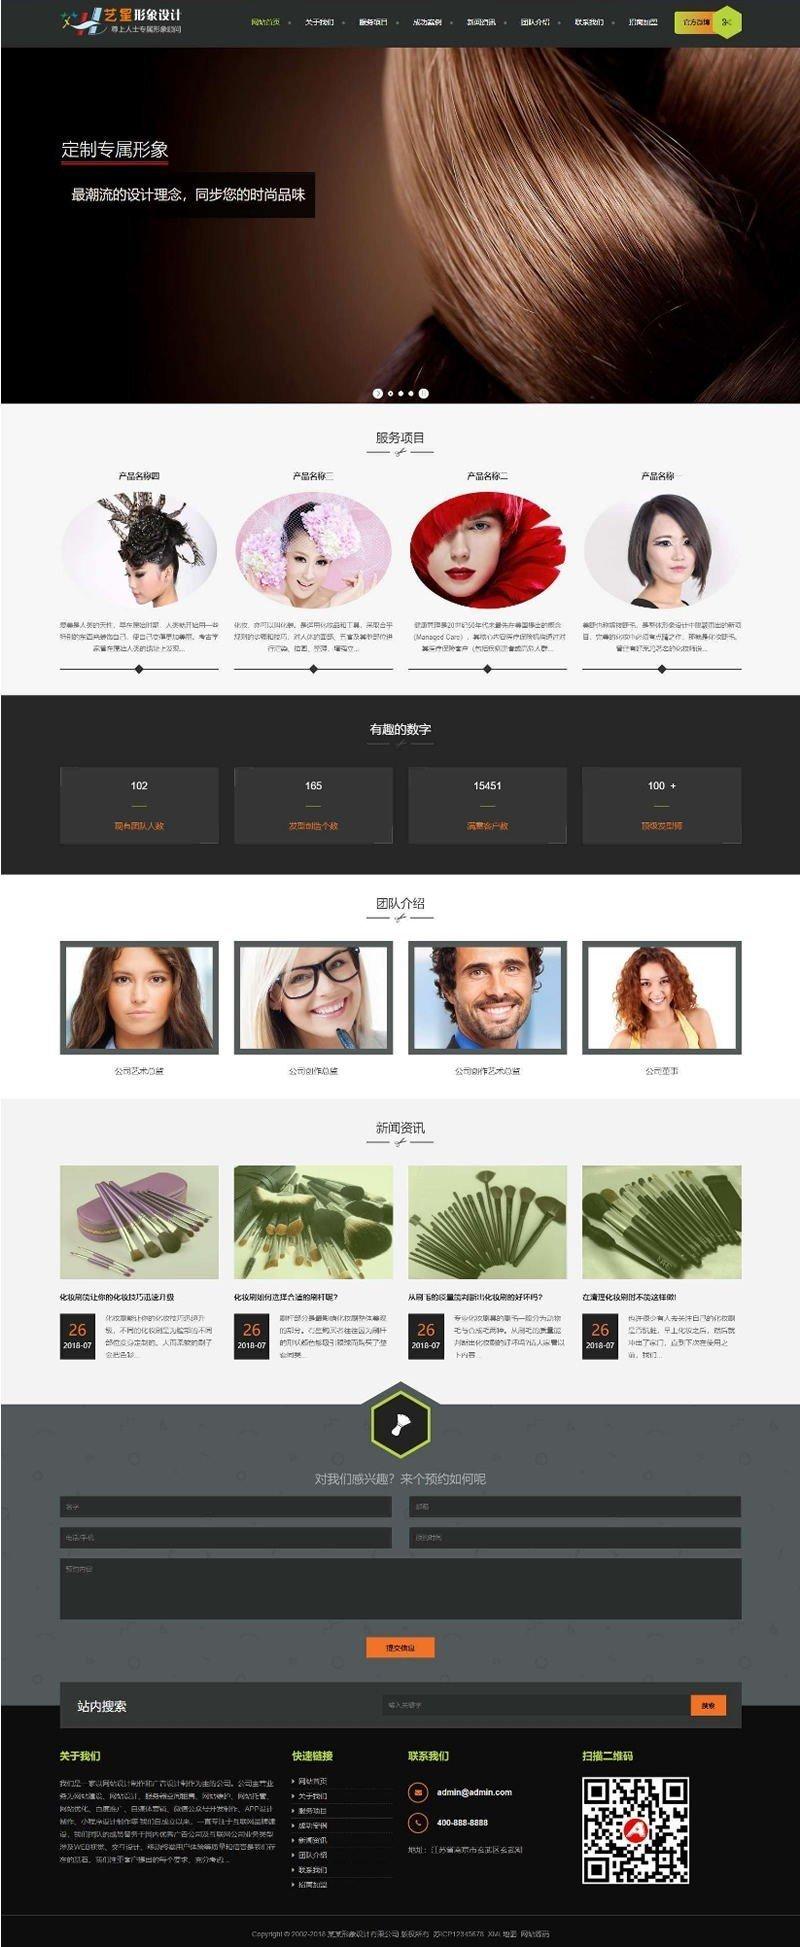 【织梦发型设计模板】自适应美容美发发型设计学校教育艺术学校网站源码自适应手机WAP端